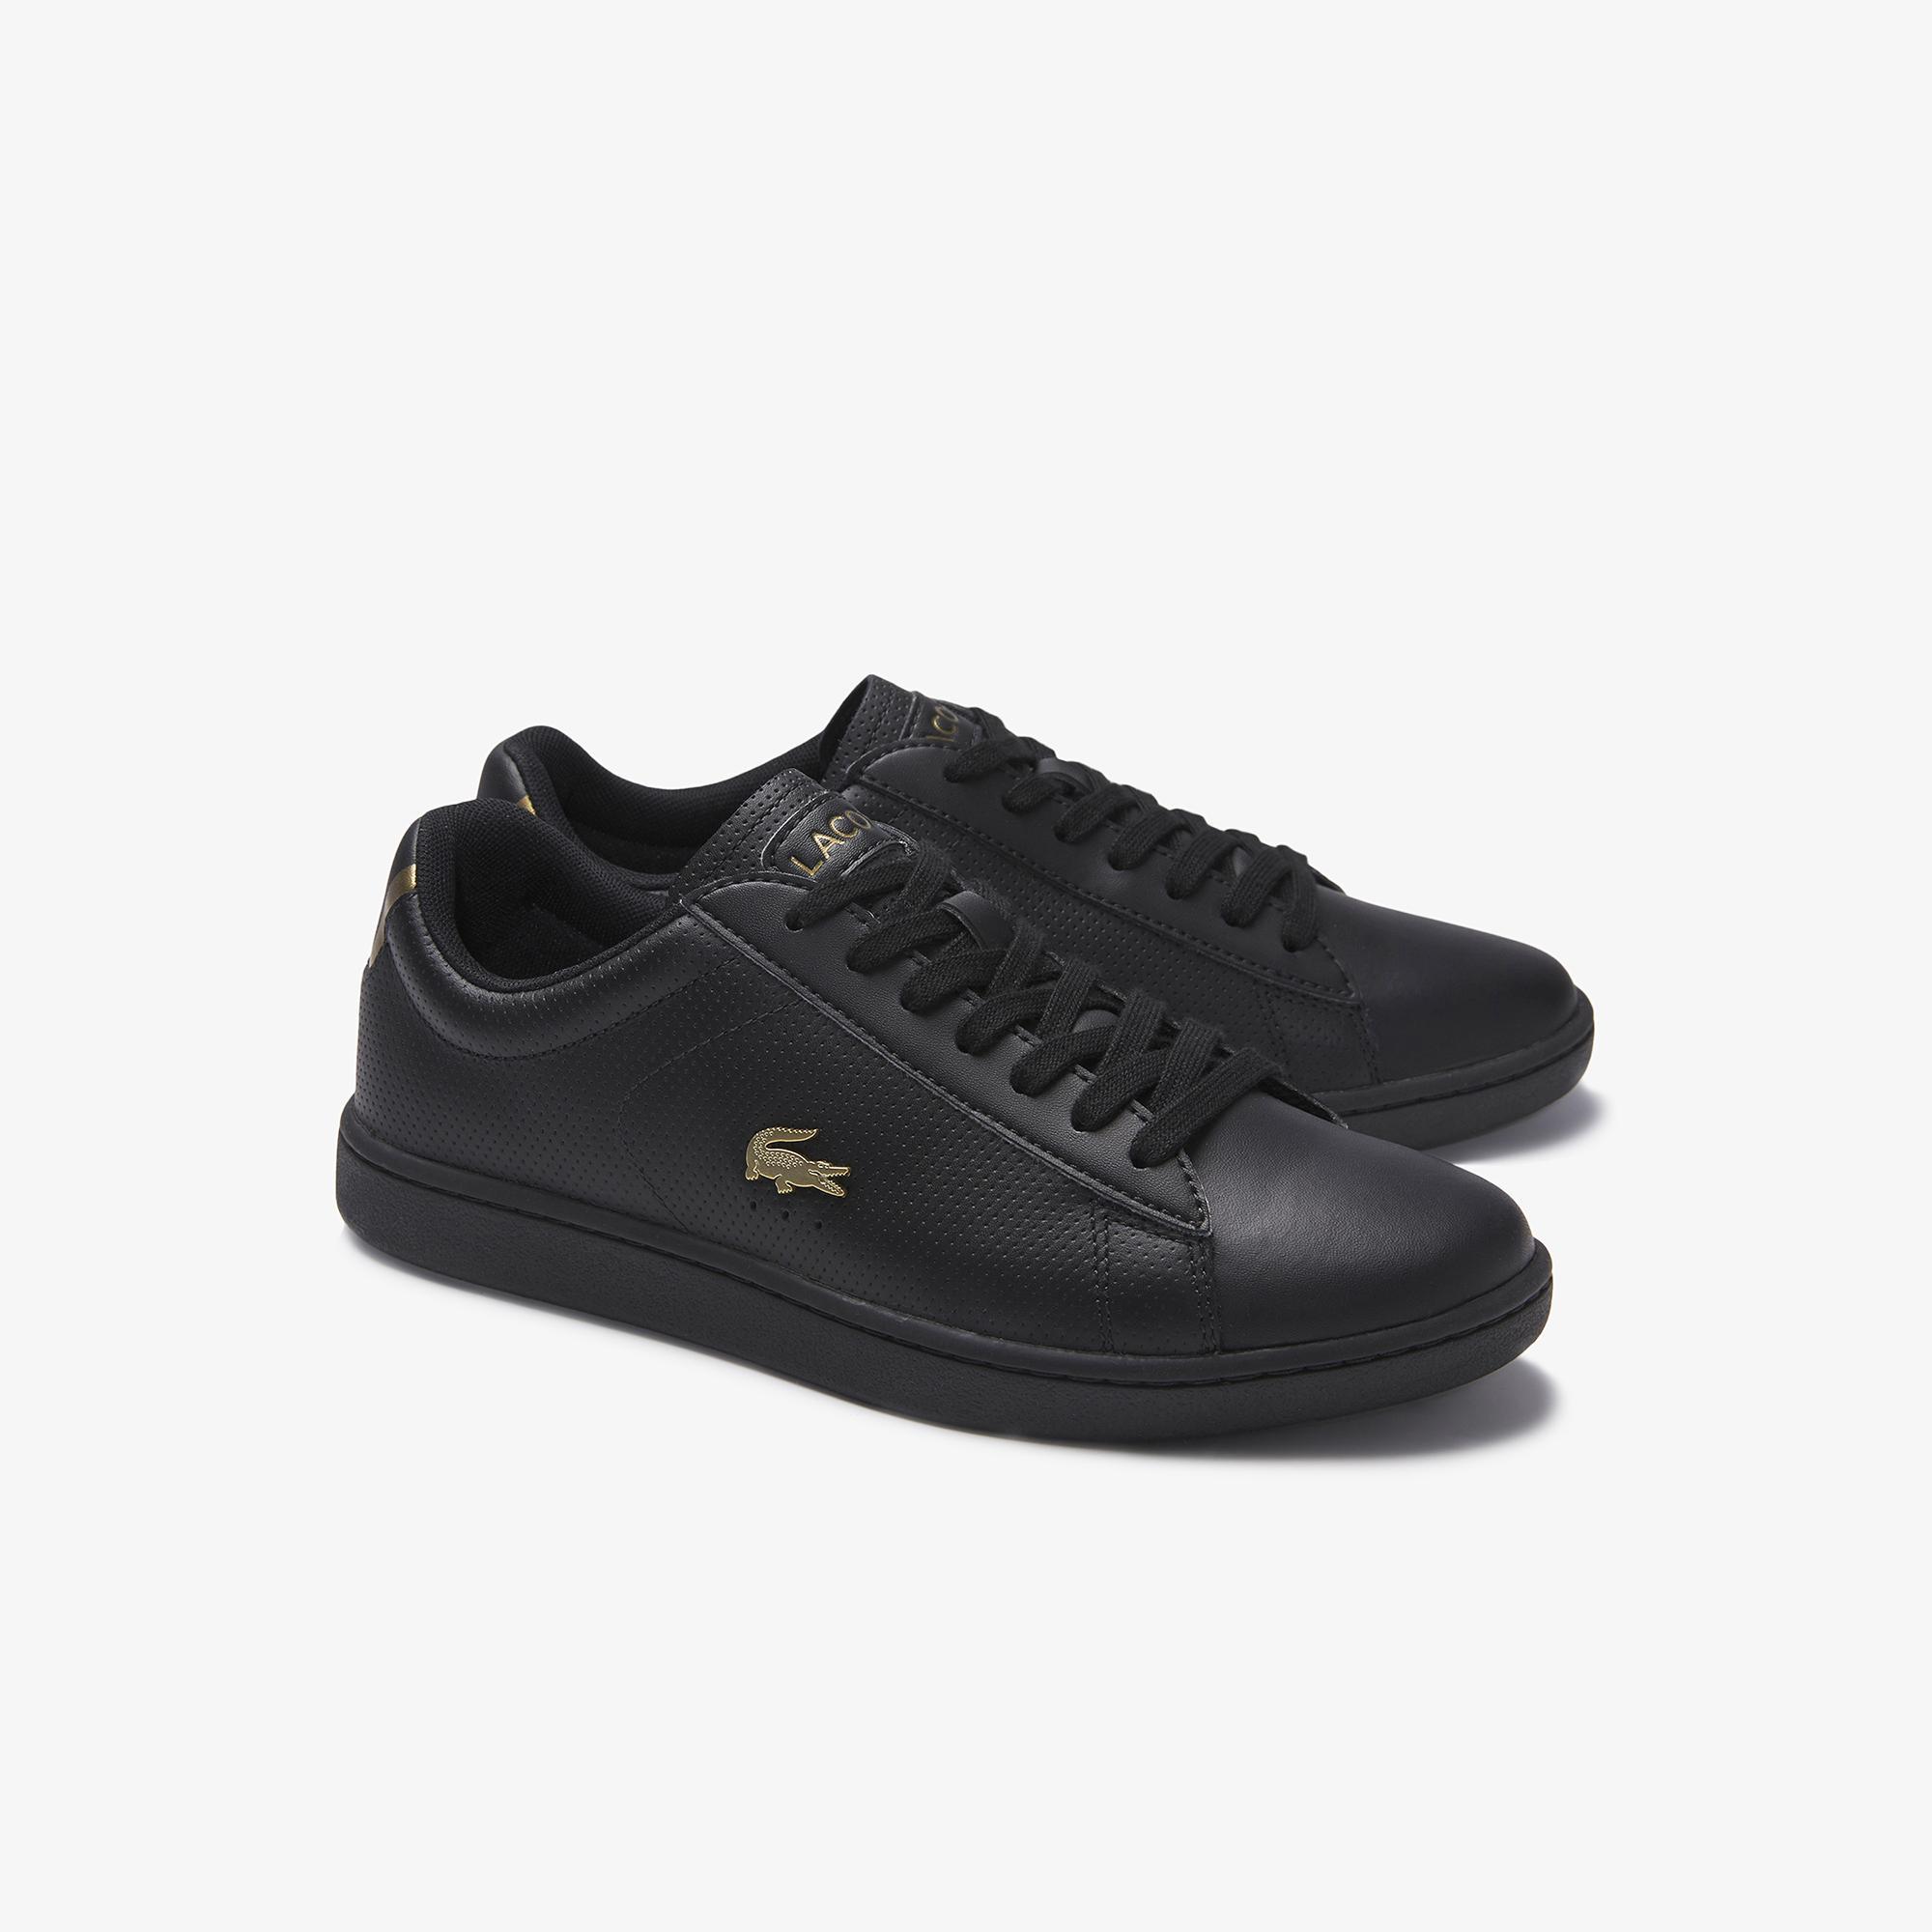 Lacoste кросівки жіночі Carnaby Evo